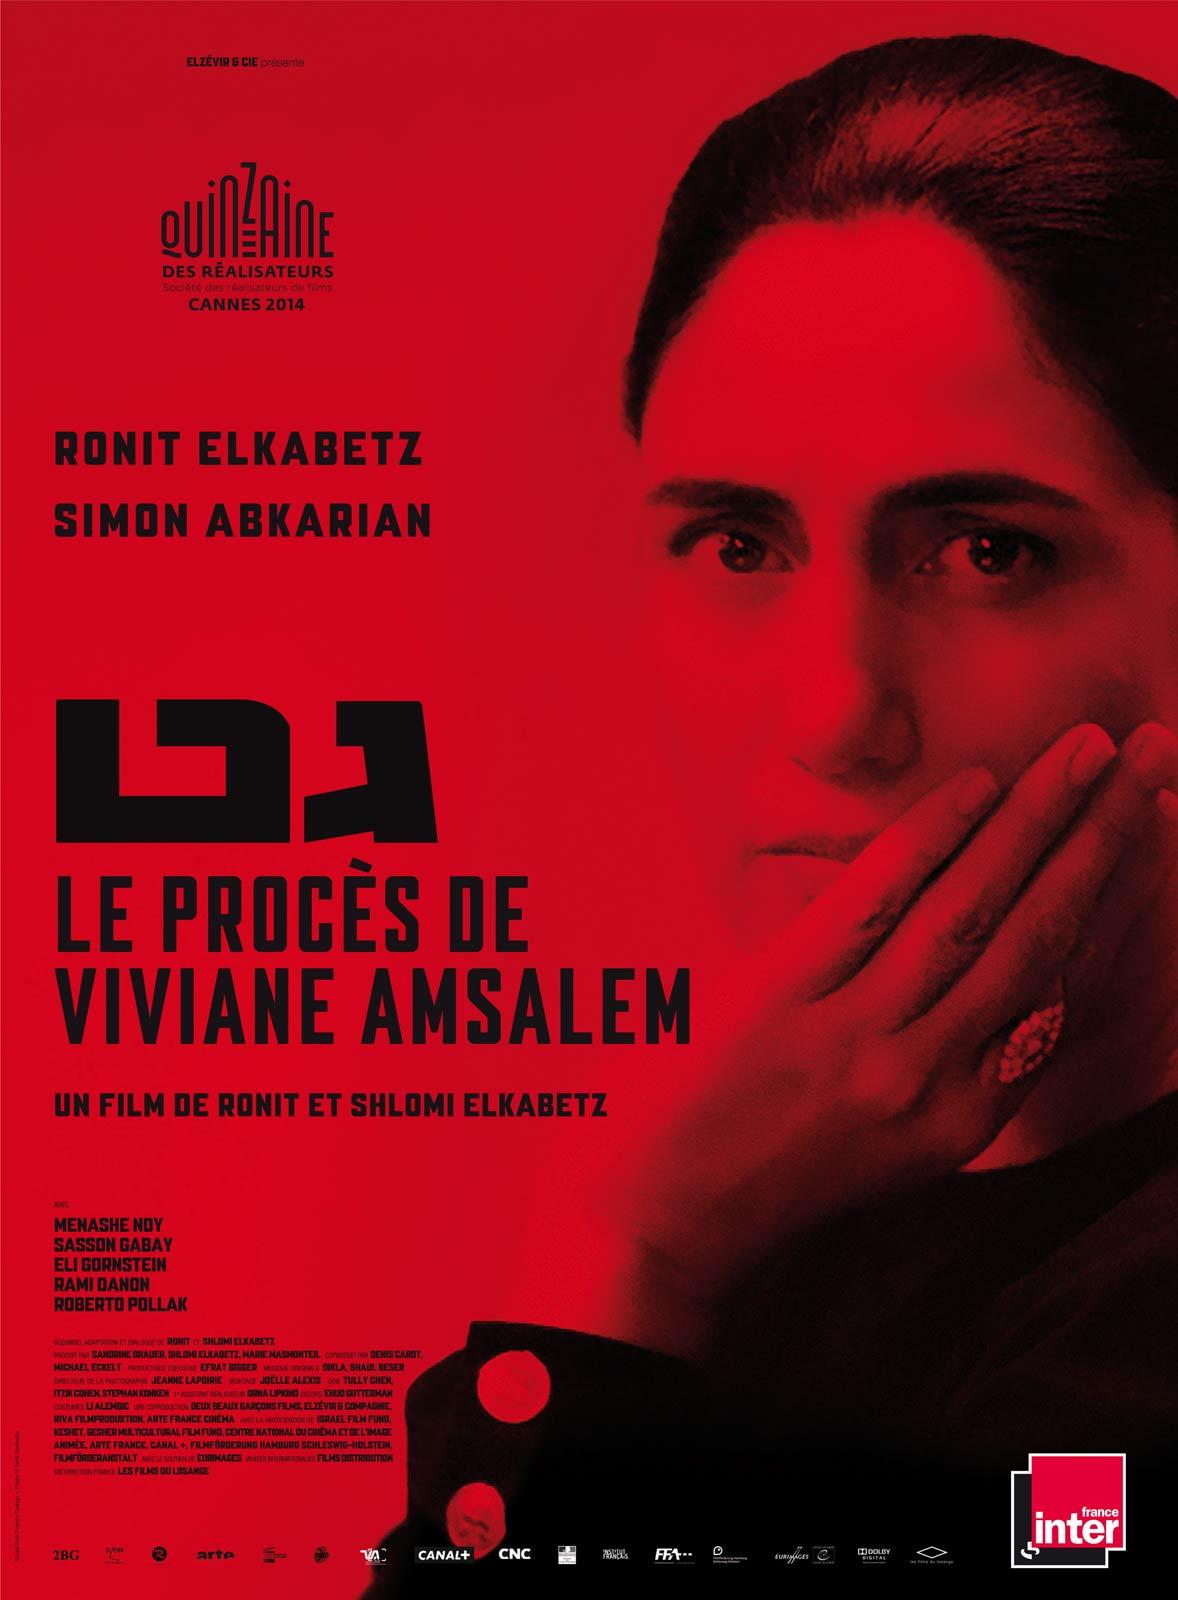 Le procès de Viviane Amsalem (2015)